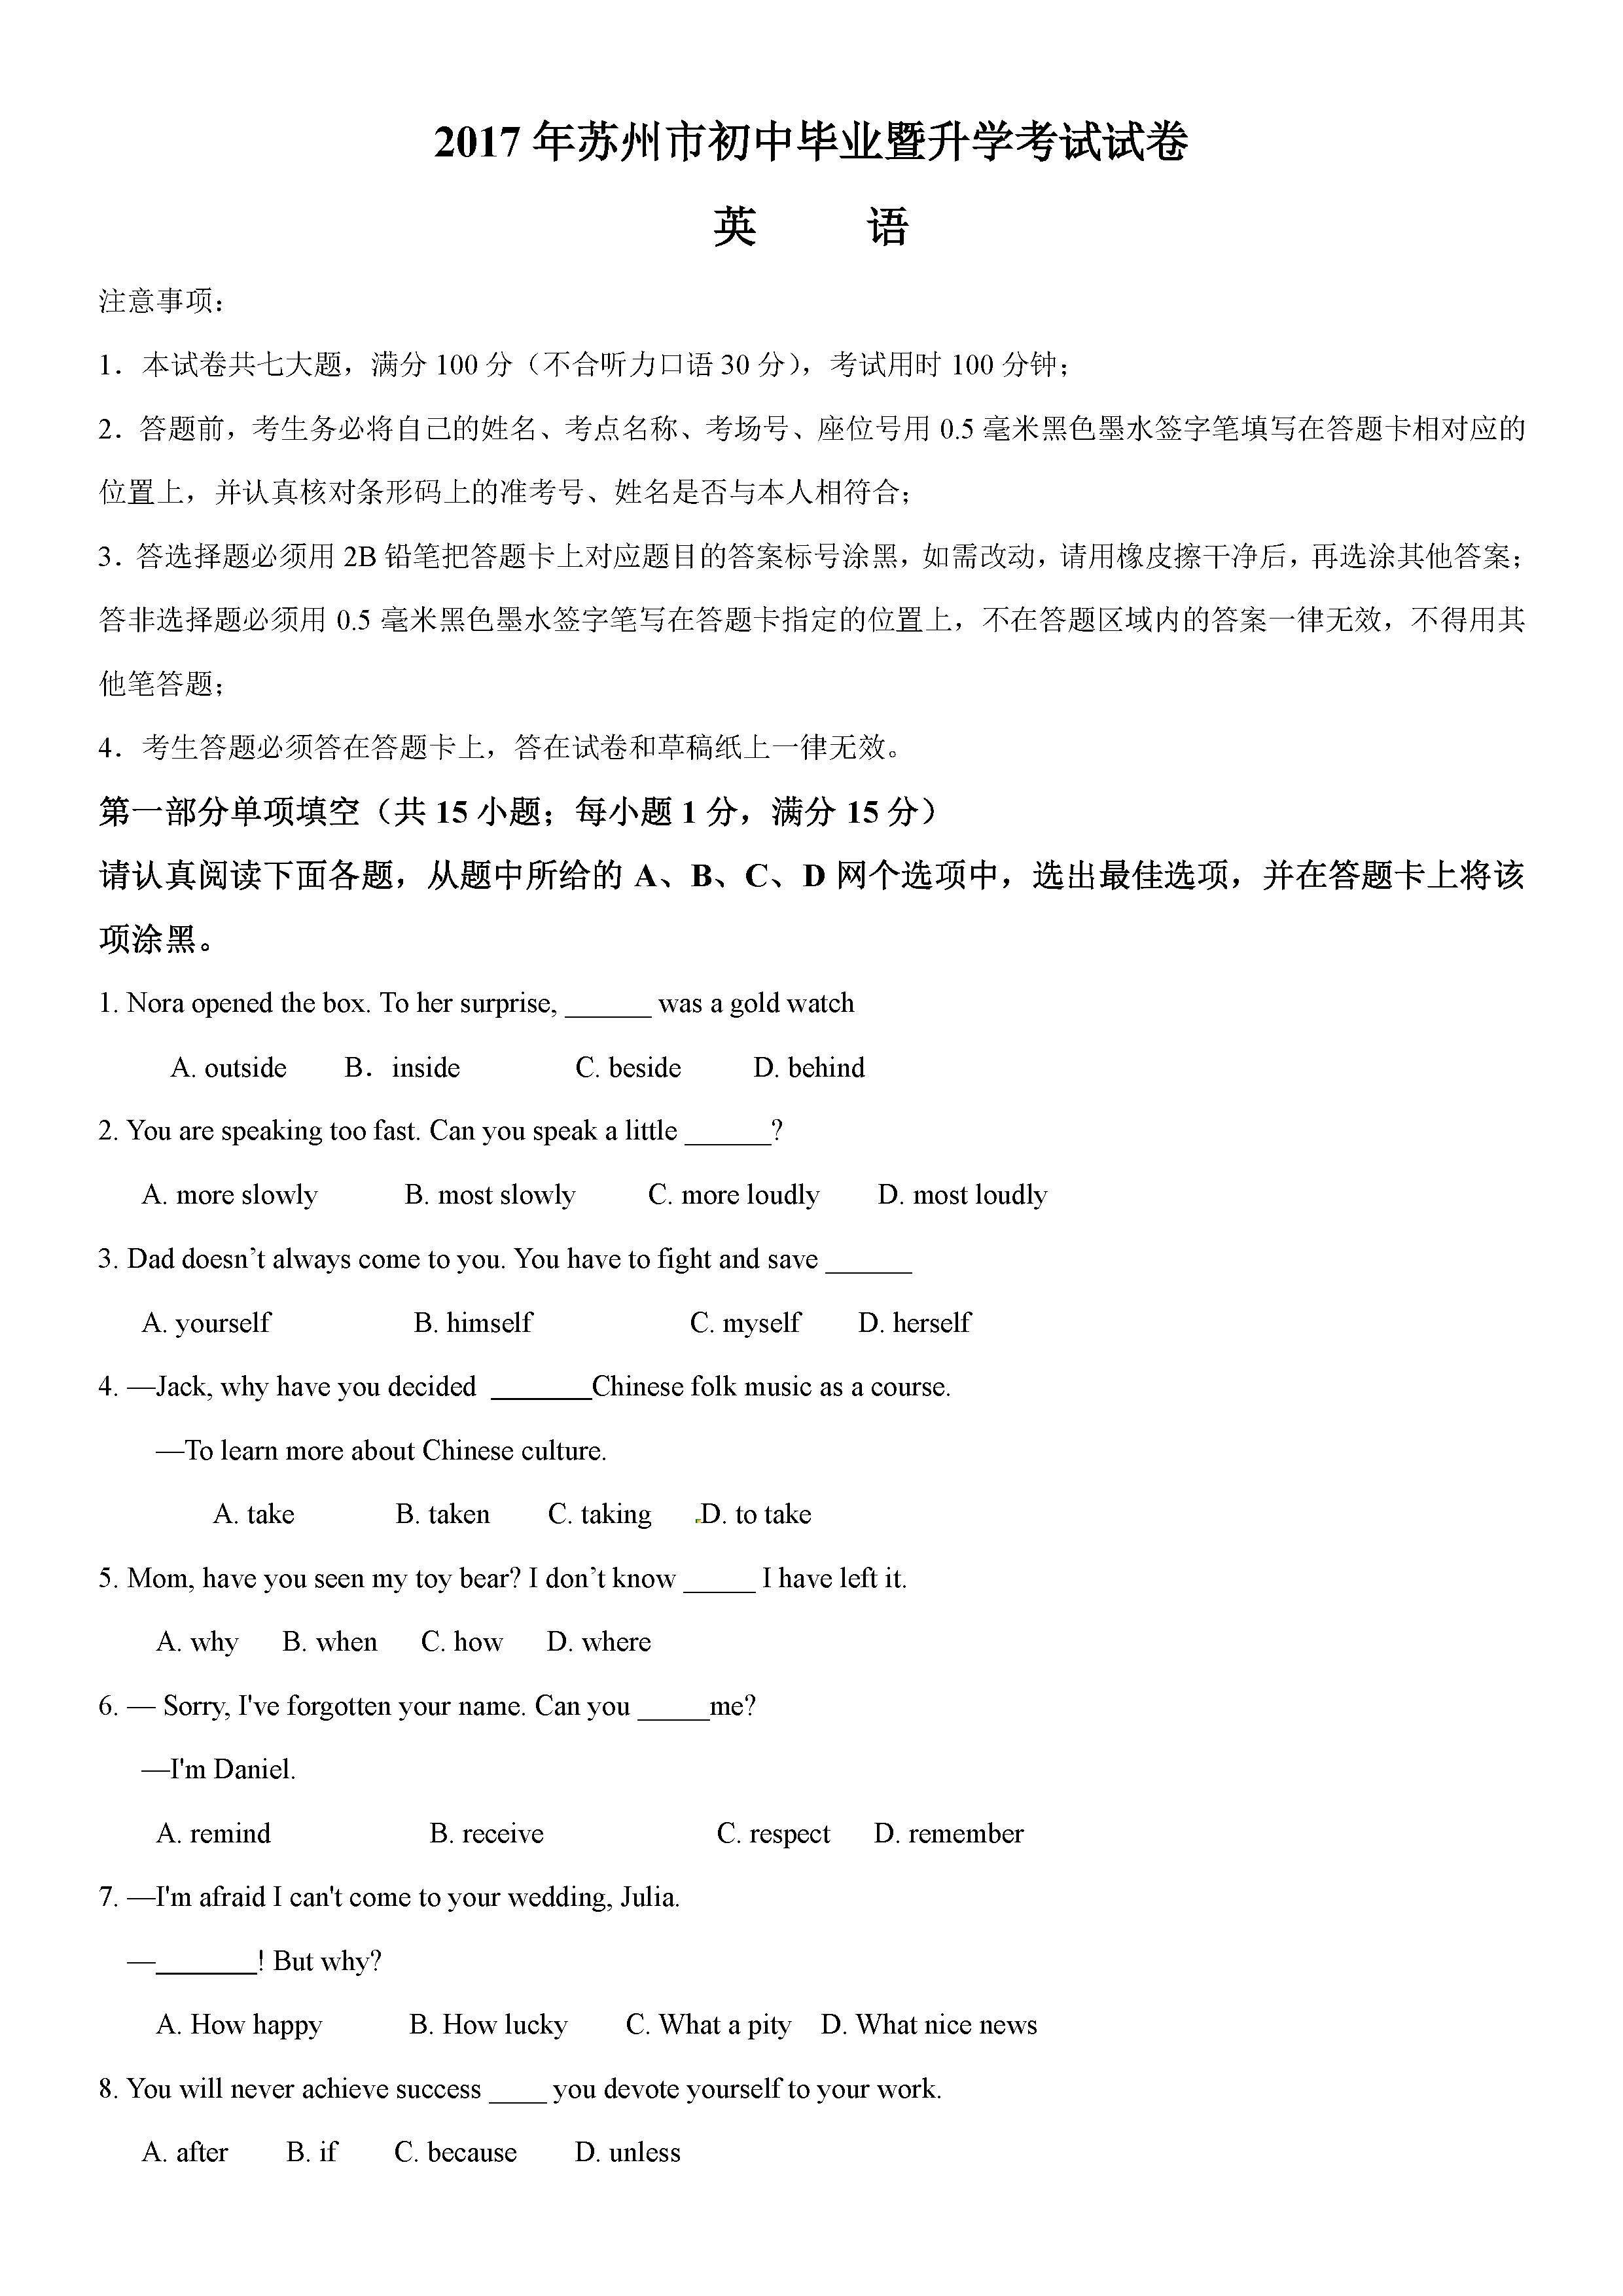 2017苏州中考英语试题及答案解析(图片版含答案)